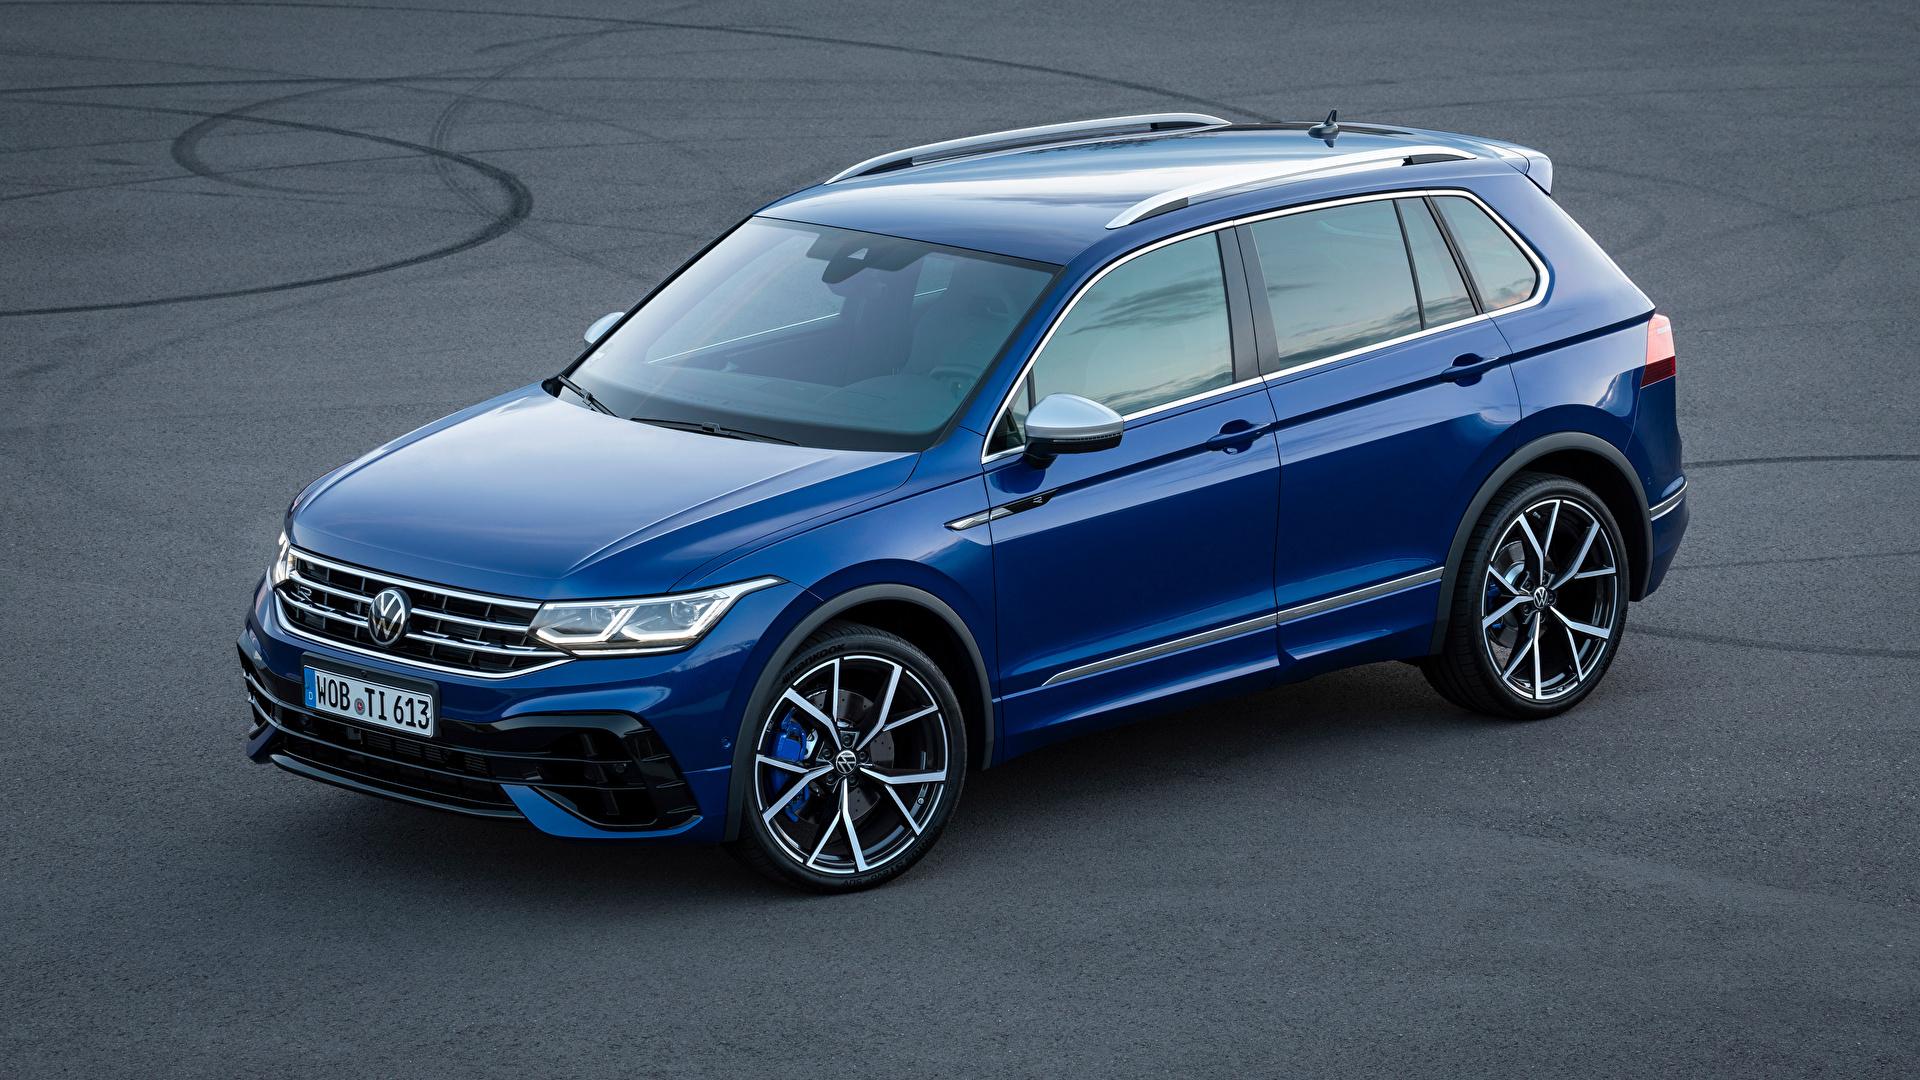 Fotos von Volkswagen Tiguan R, 2020 Blau Autos Metallisch 1920x1080 auto automobil